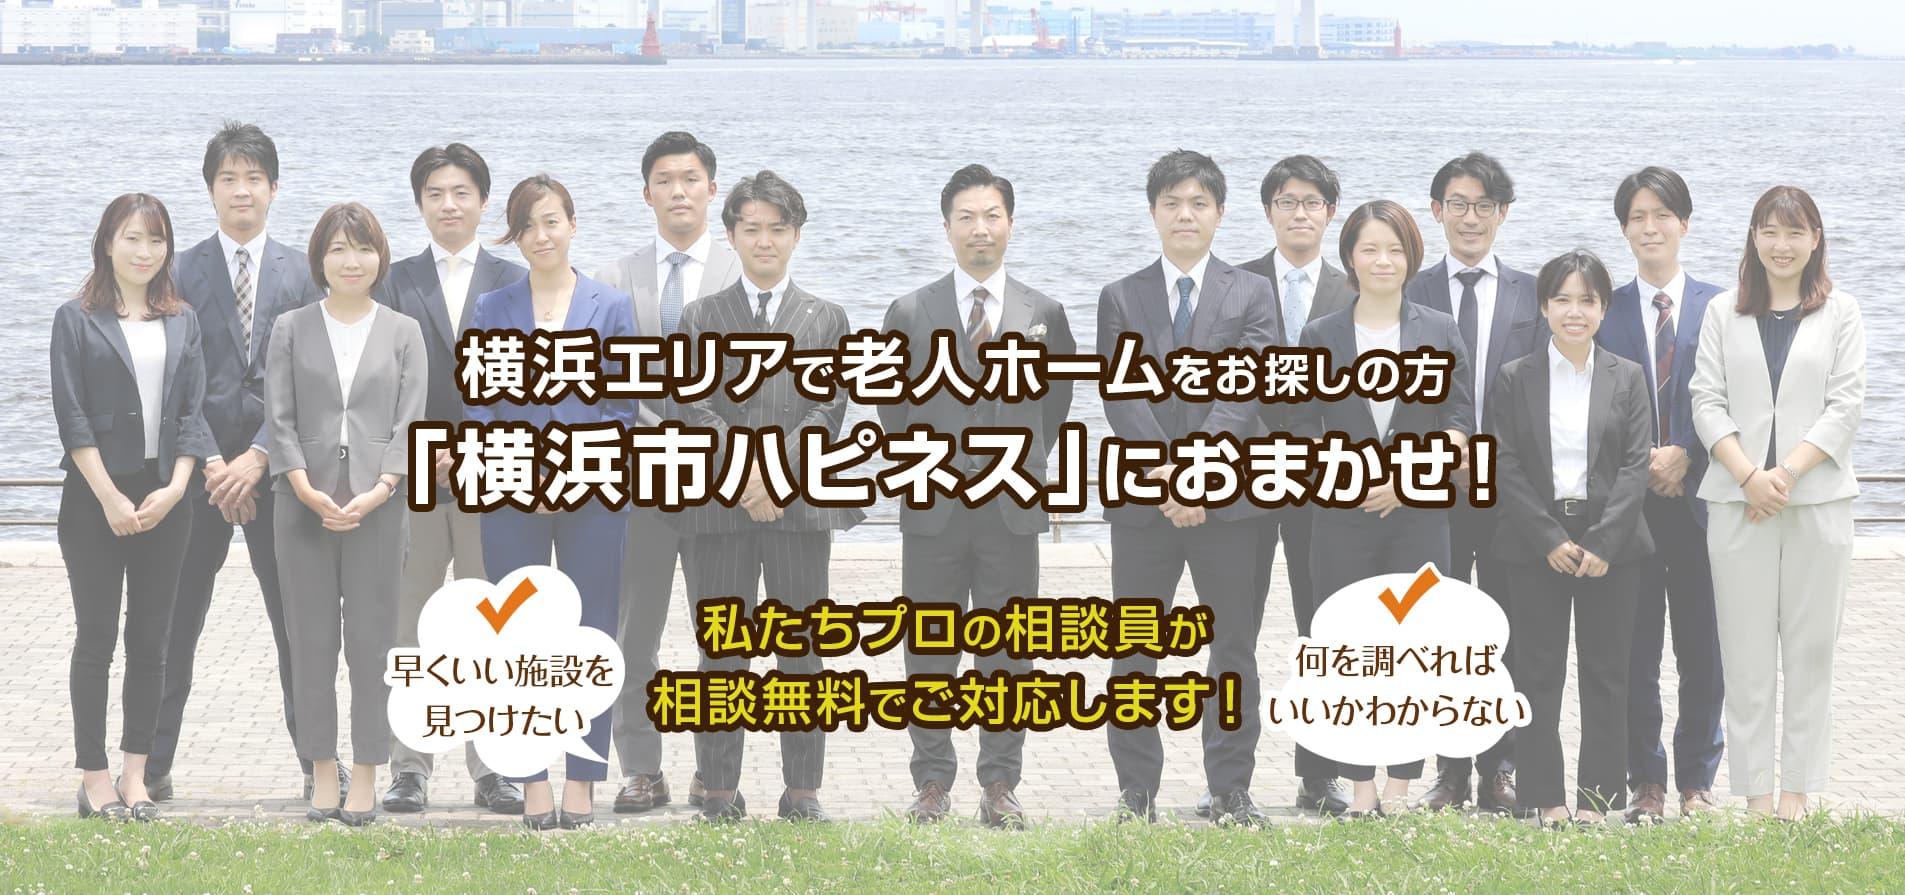 横浜市エリアで老人ホームをお探しの方「横浜市ハピネス老人ホーム・介護施設紹介センター」にお任せください。